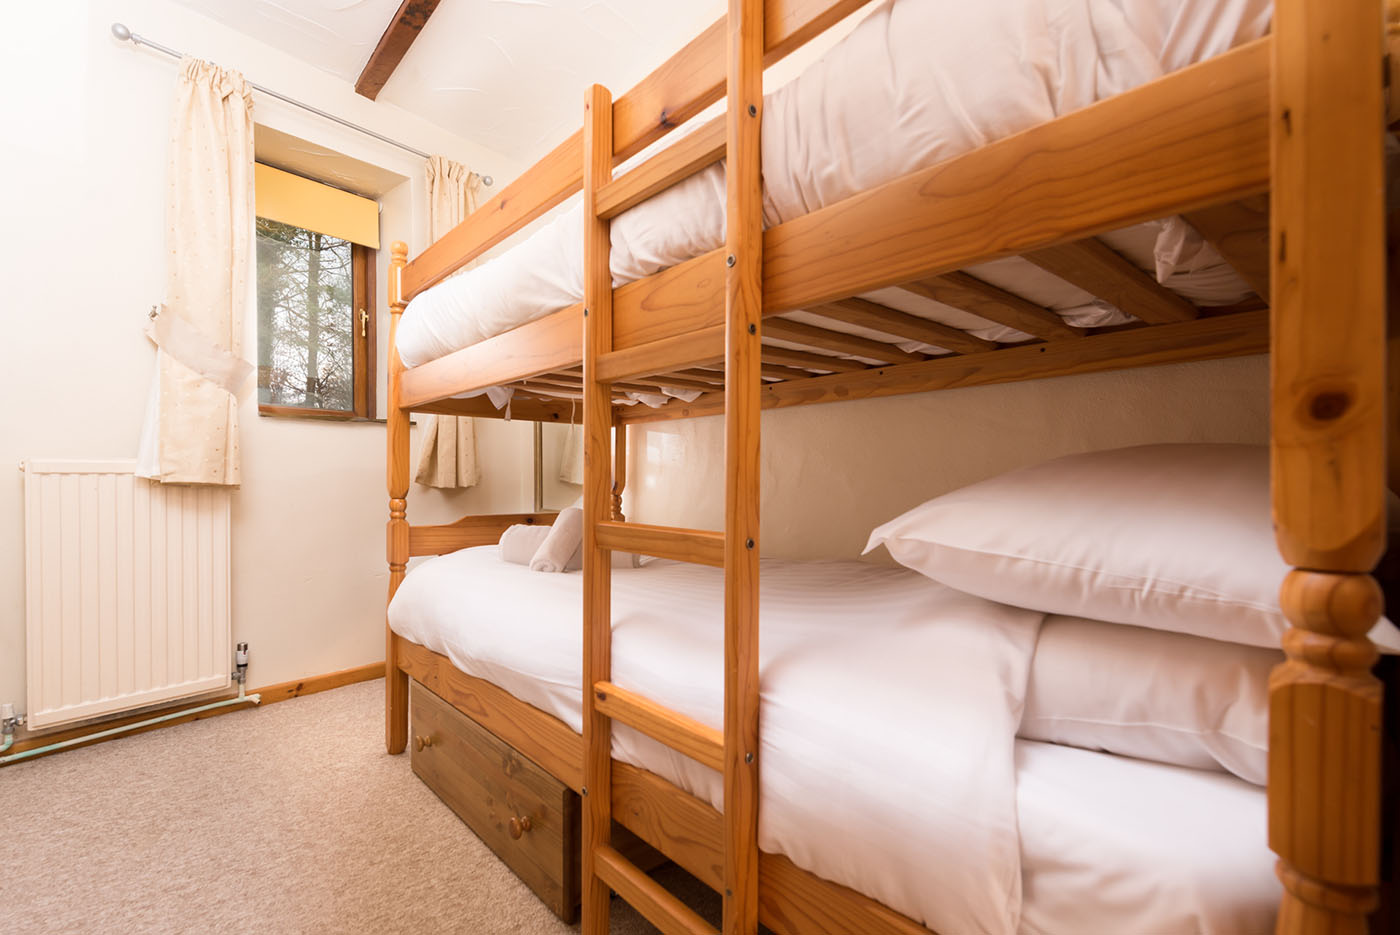 Linhay bunk bedroom